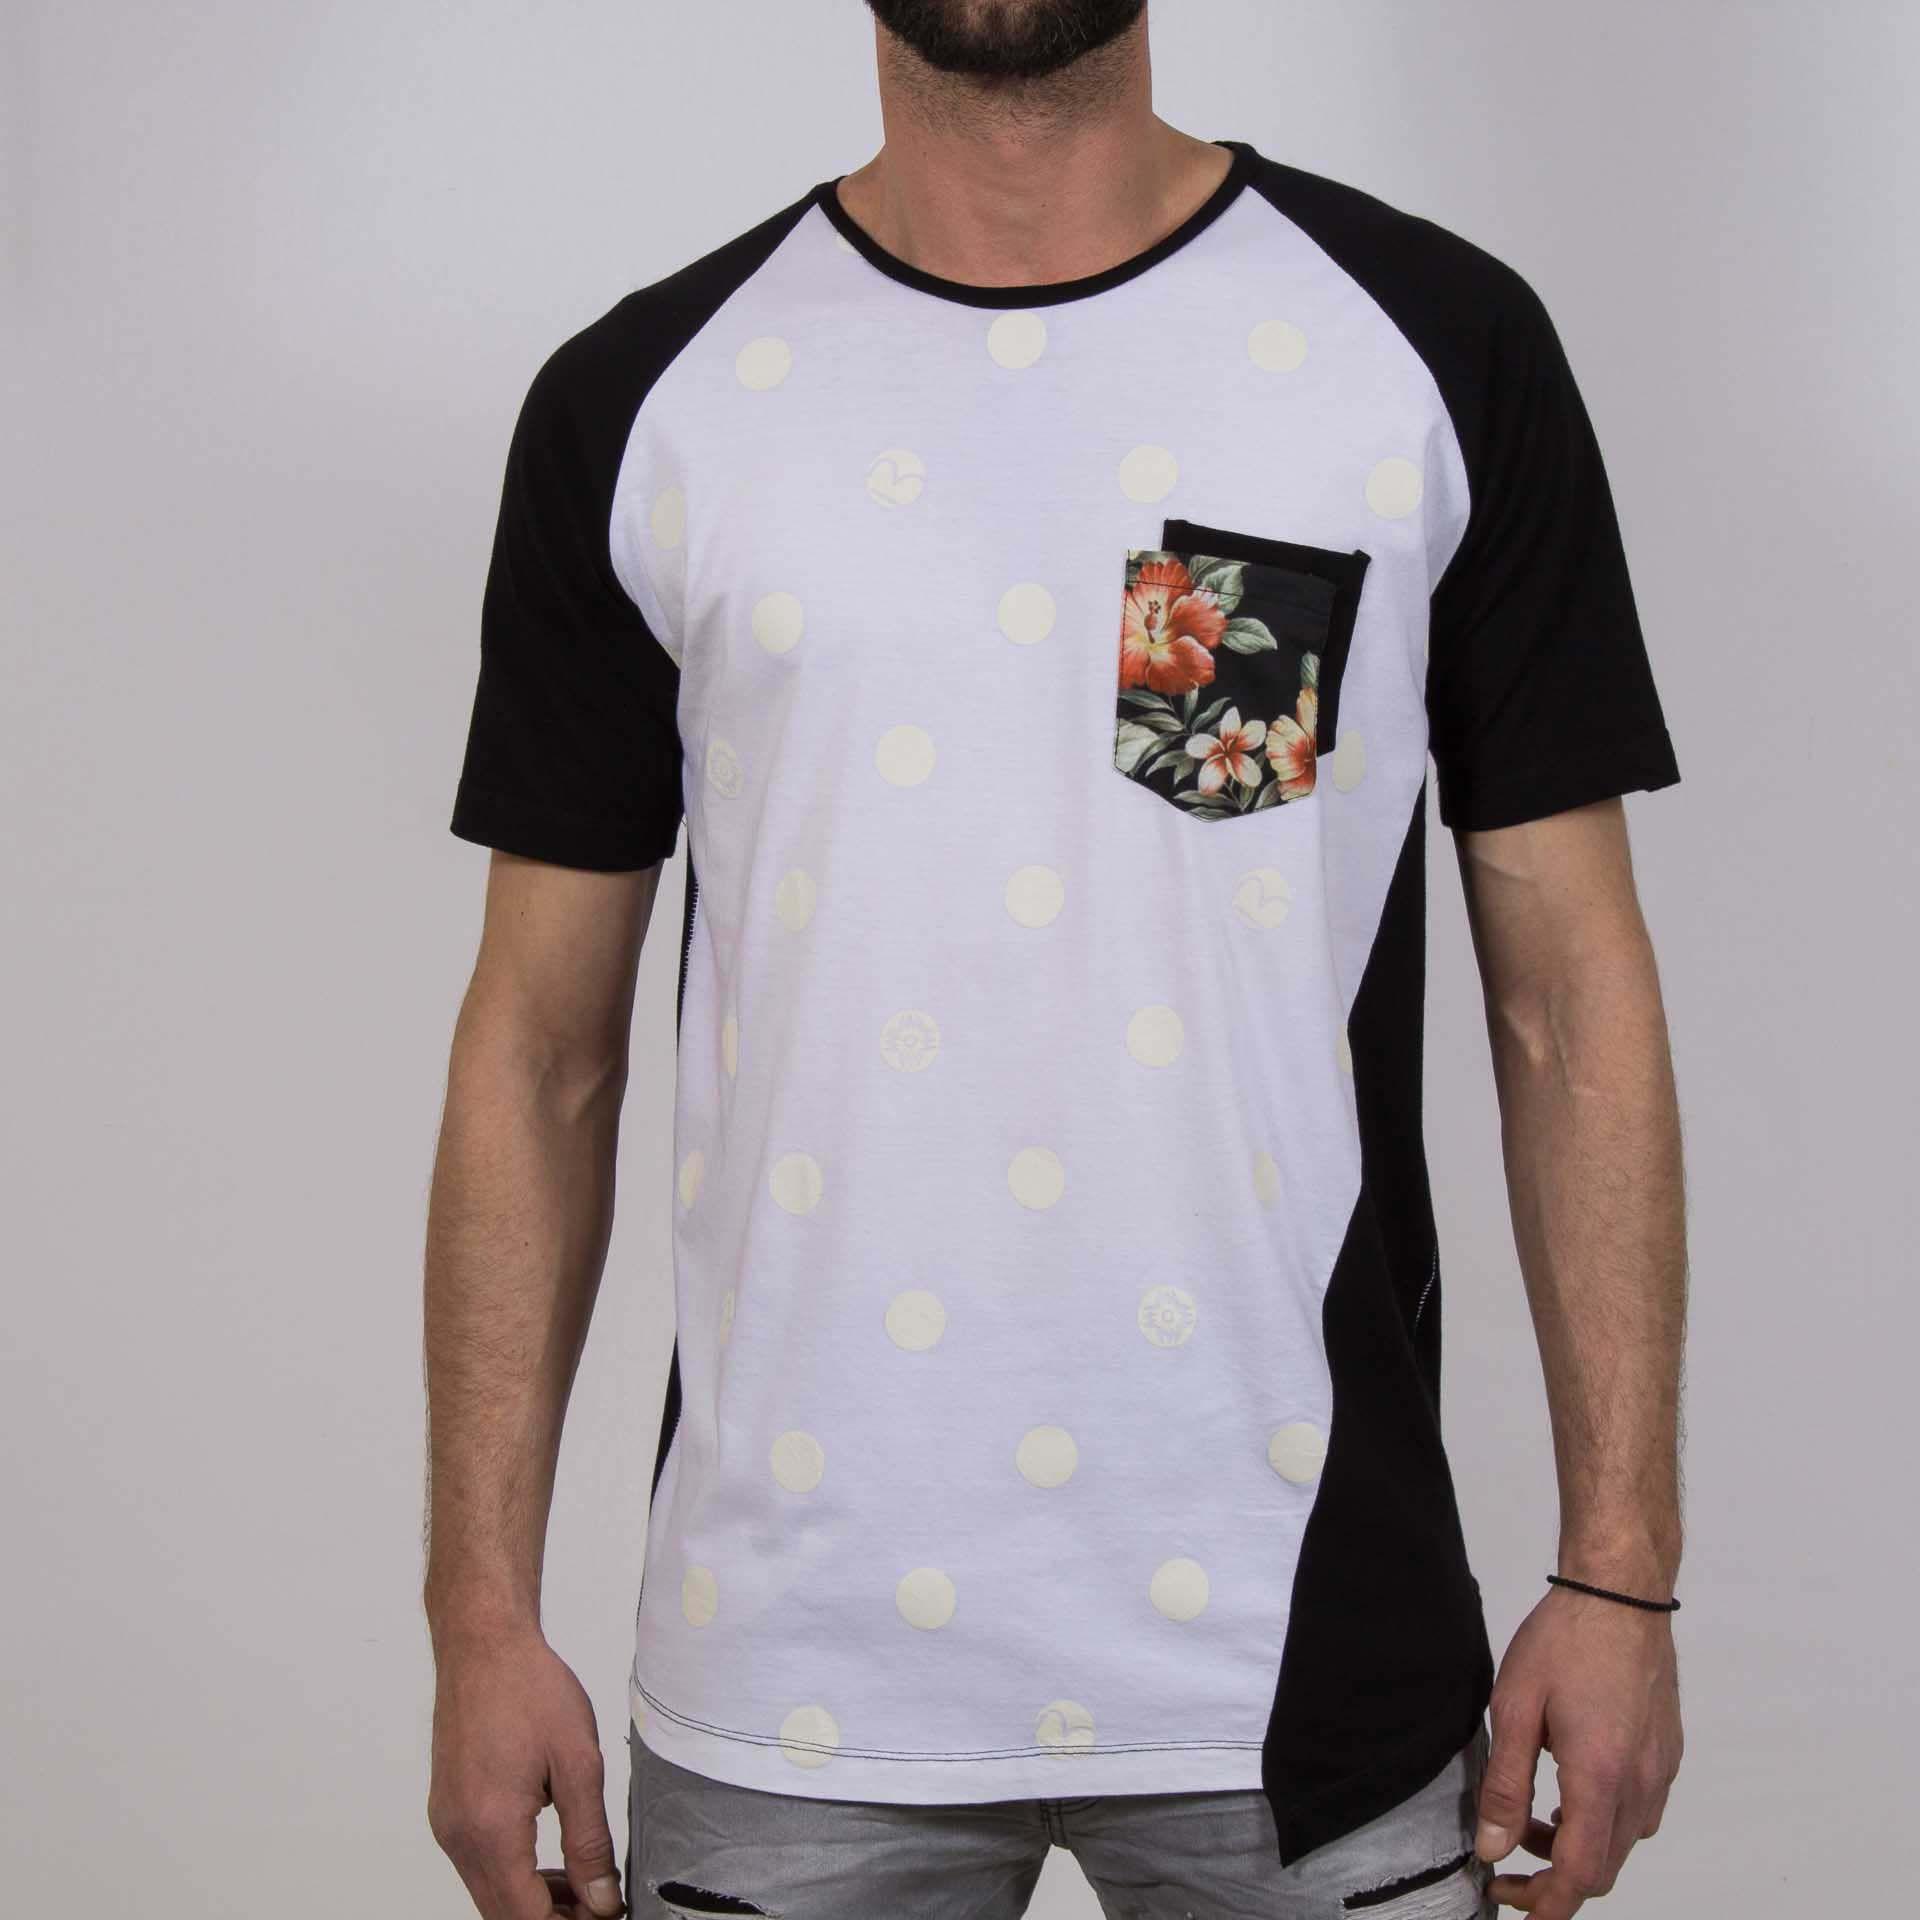 c95e50209d63 Ανδρική μπλούζα T-Shirt  Hashtag Flower